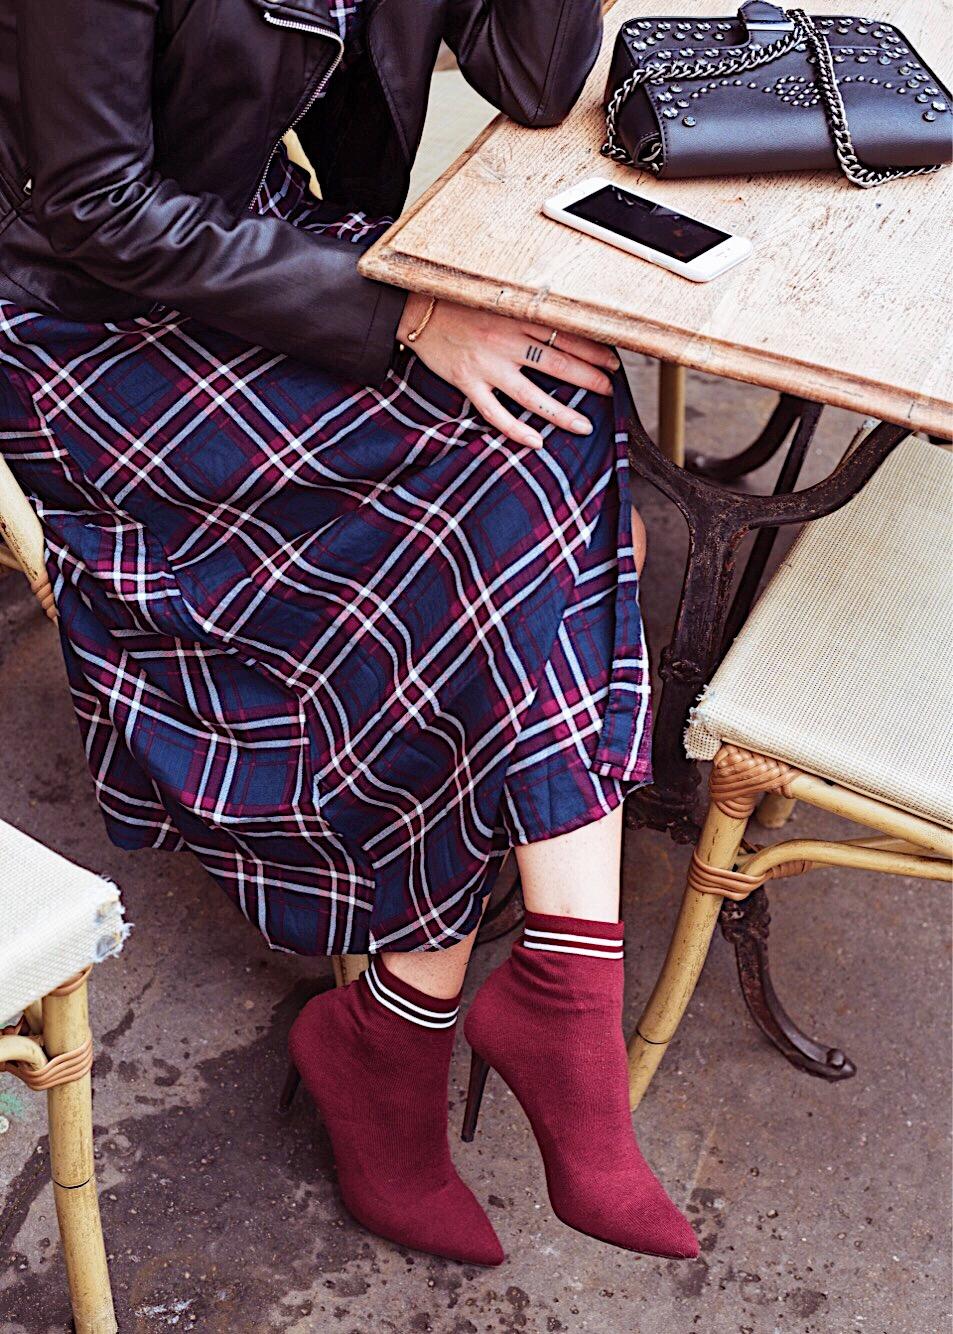 look-robe-chemise-carreaux-tendance-bottines-chaussette-adrien ganzer-lestendancesdelilou-magazine-monsieurmada.me-chemise à carreaux